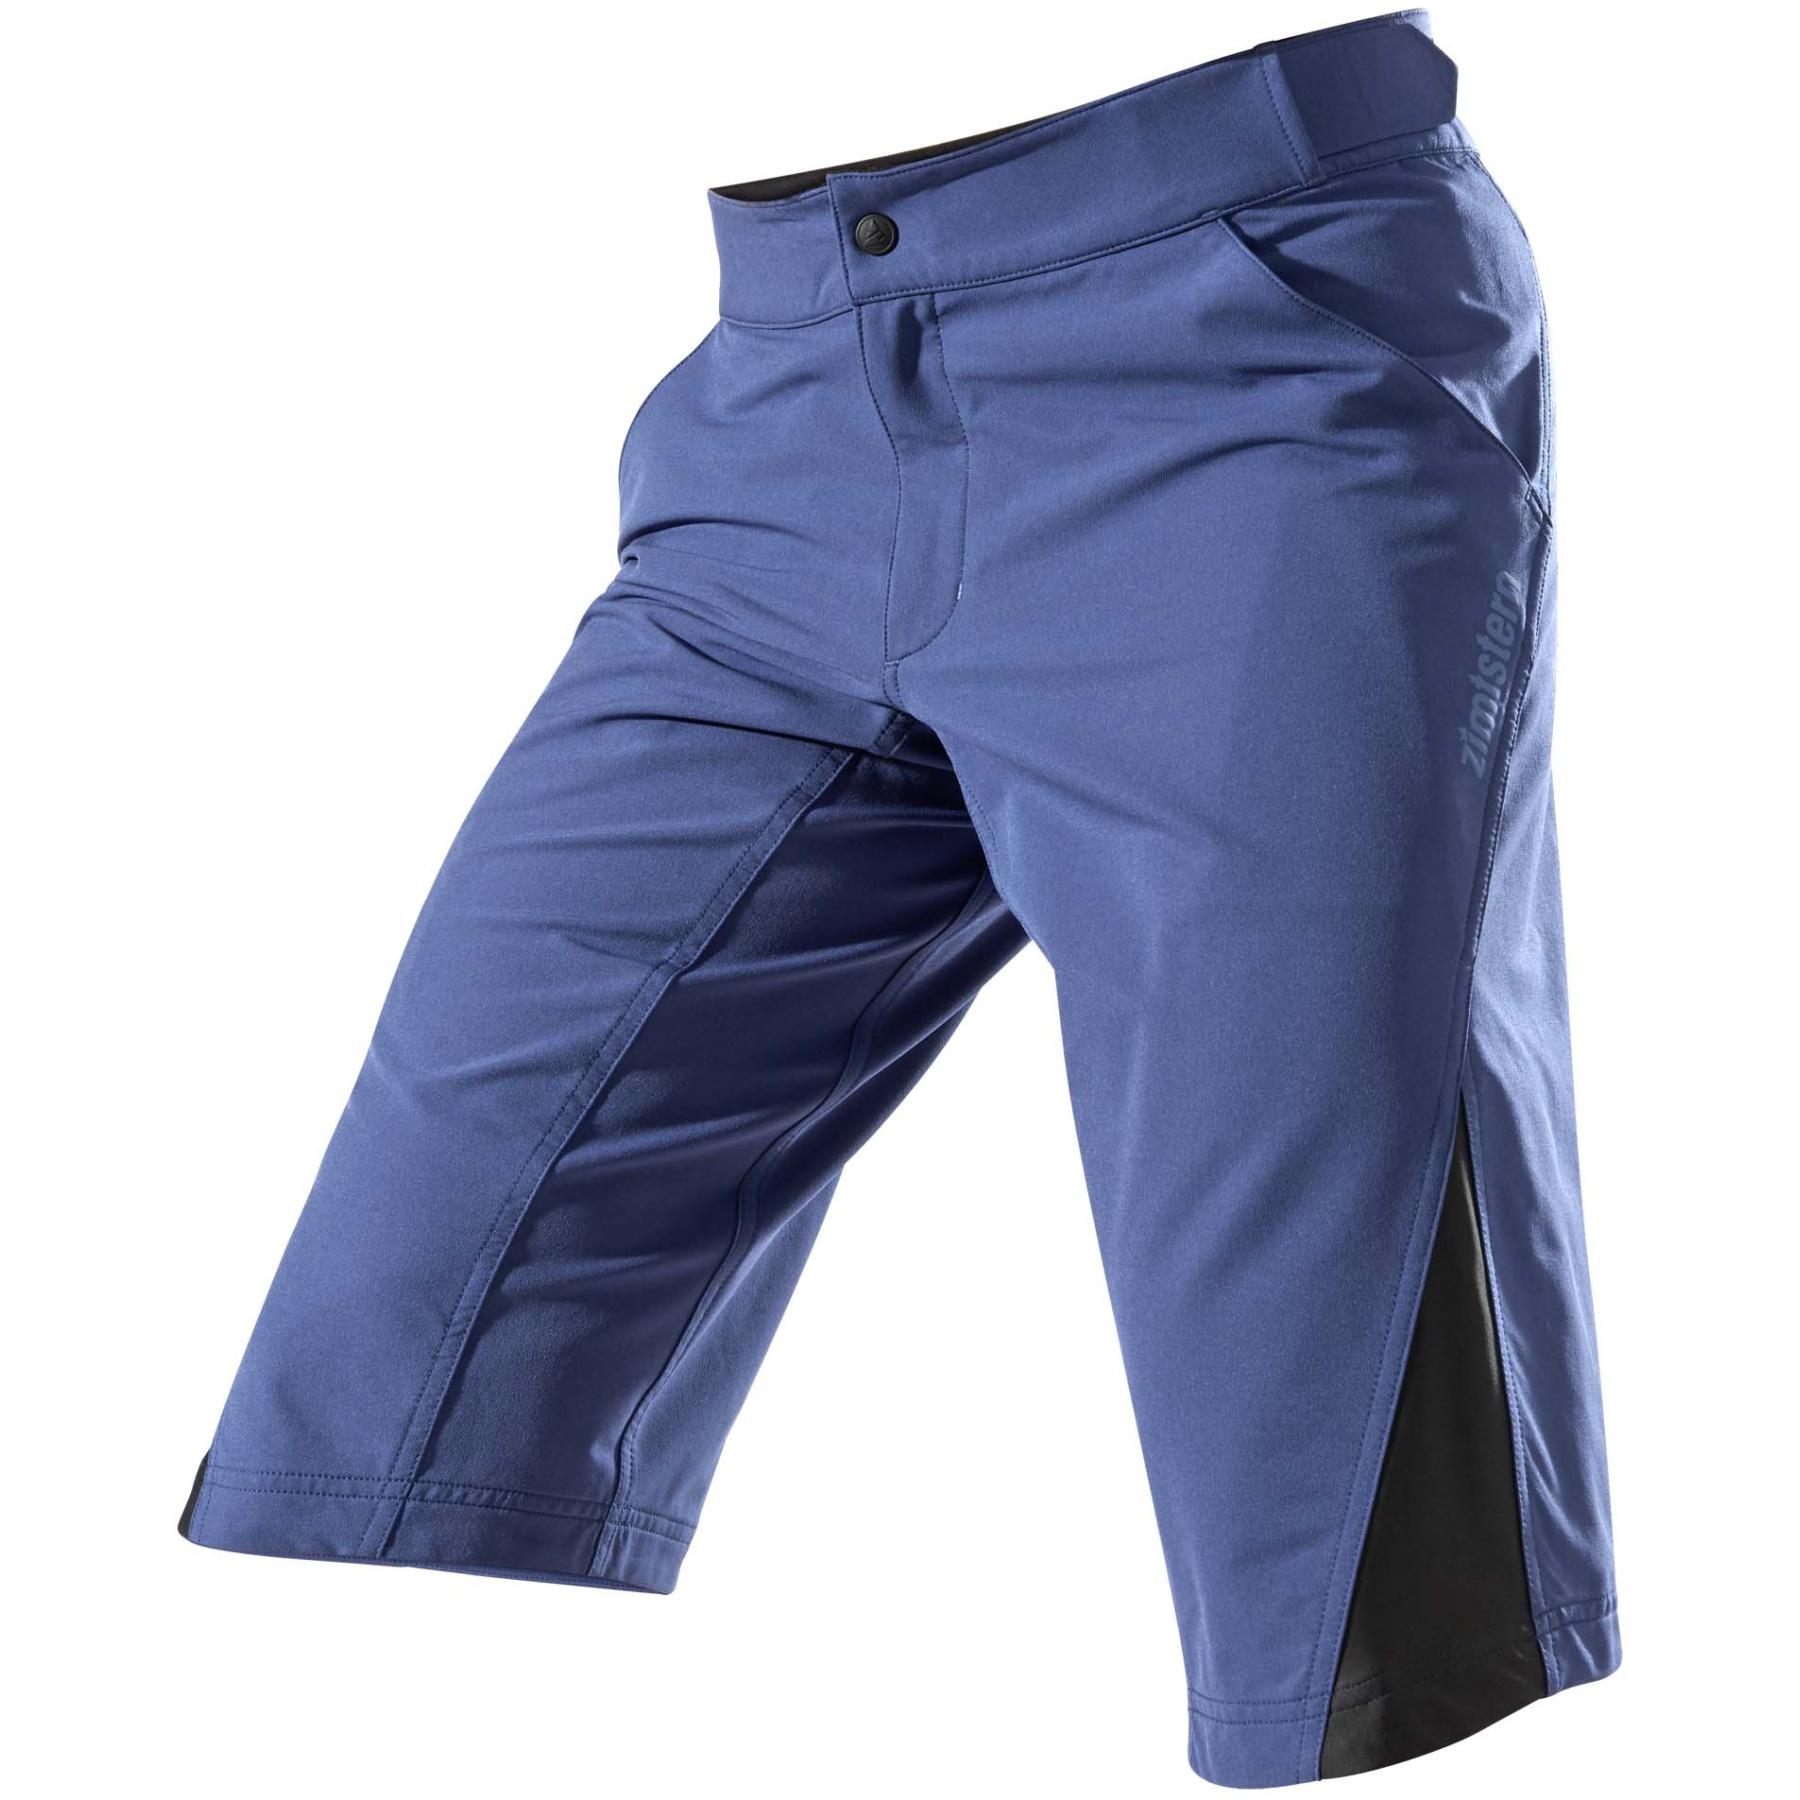 Zimtstern StarFlowz MTB-Shorts - french navy/black